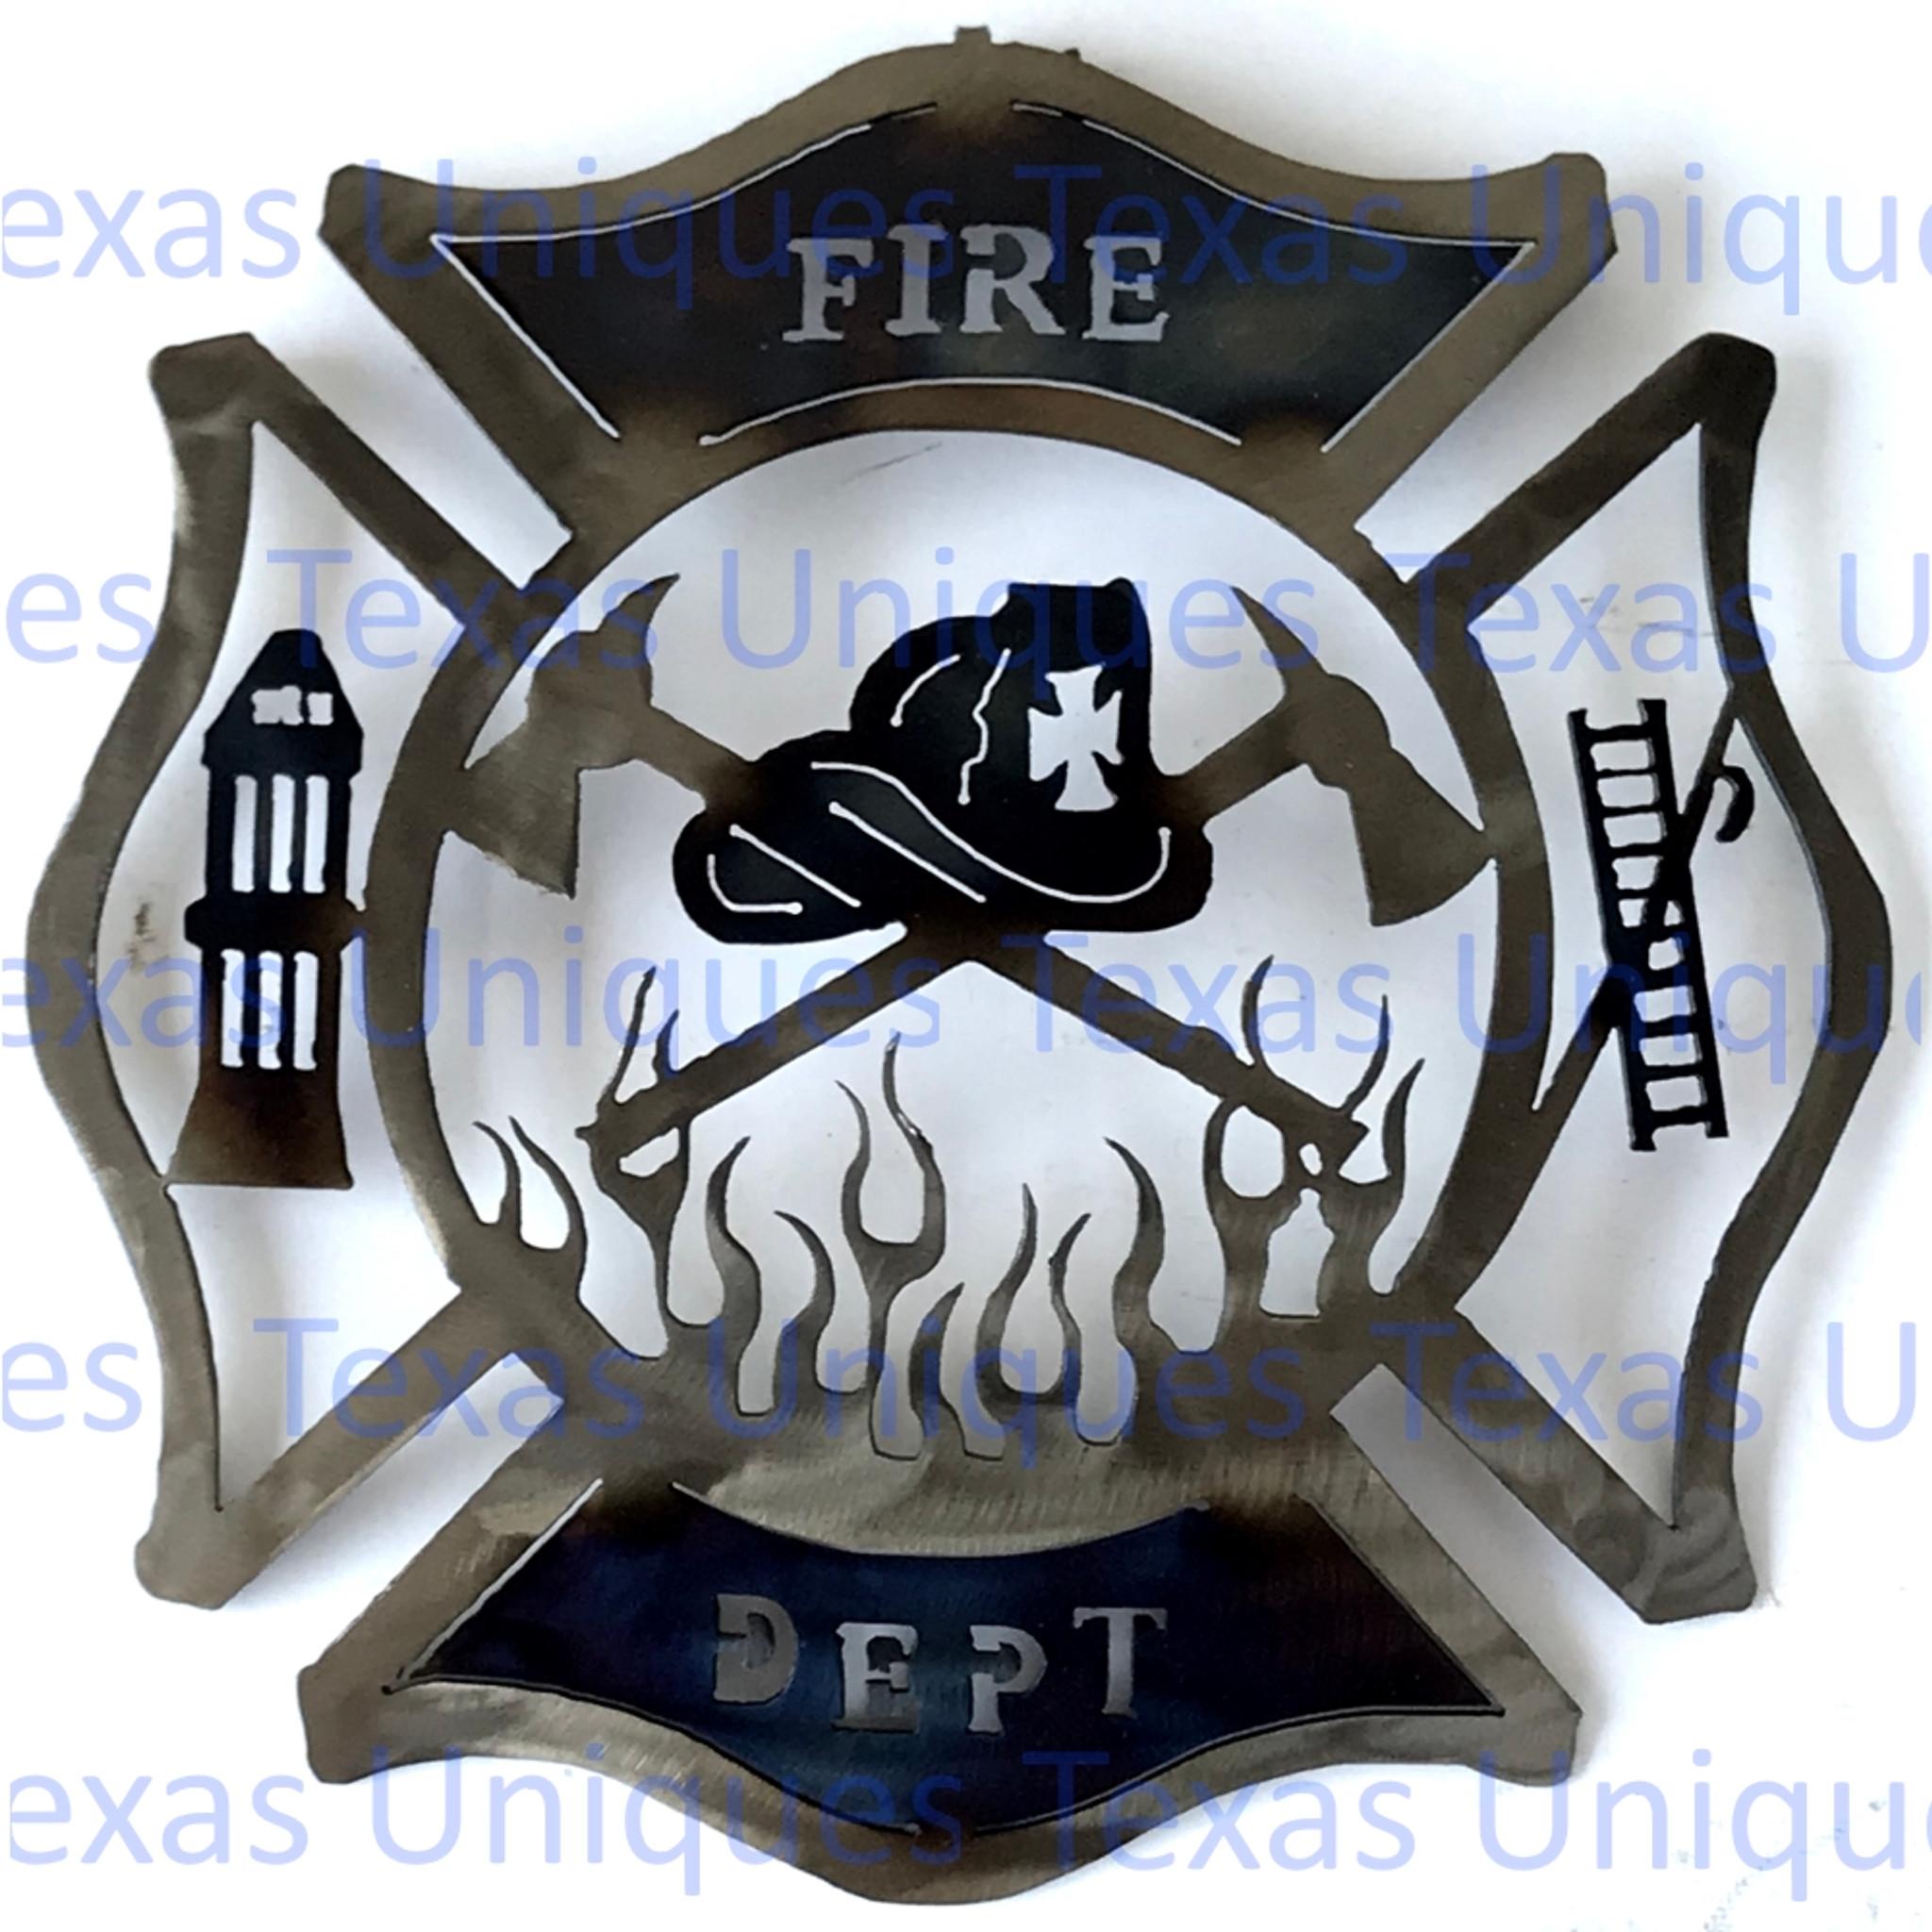 Fireman Cross Firefighter Maltese Cross Metal Wall Art Cut